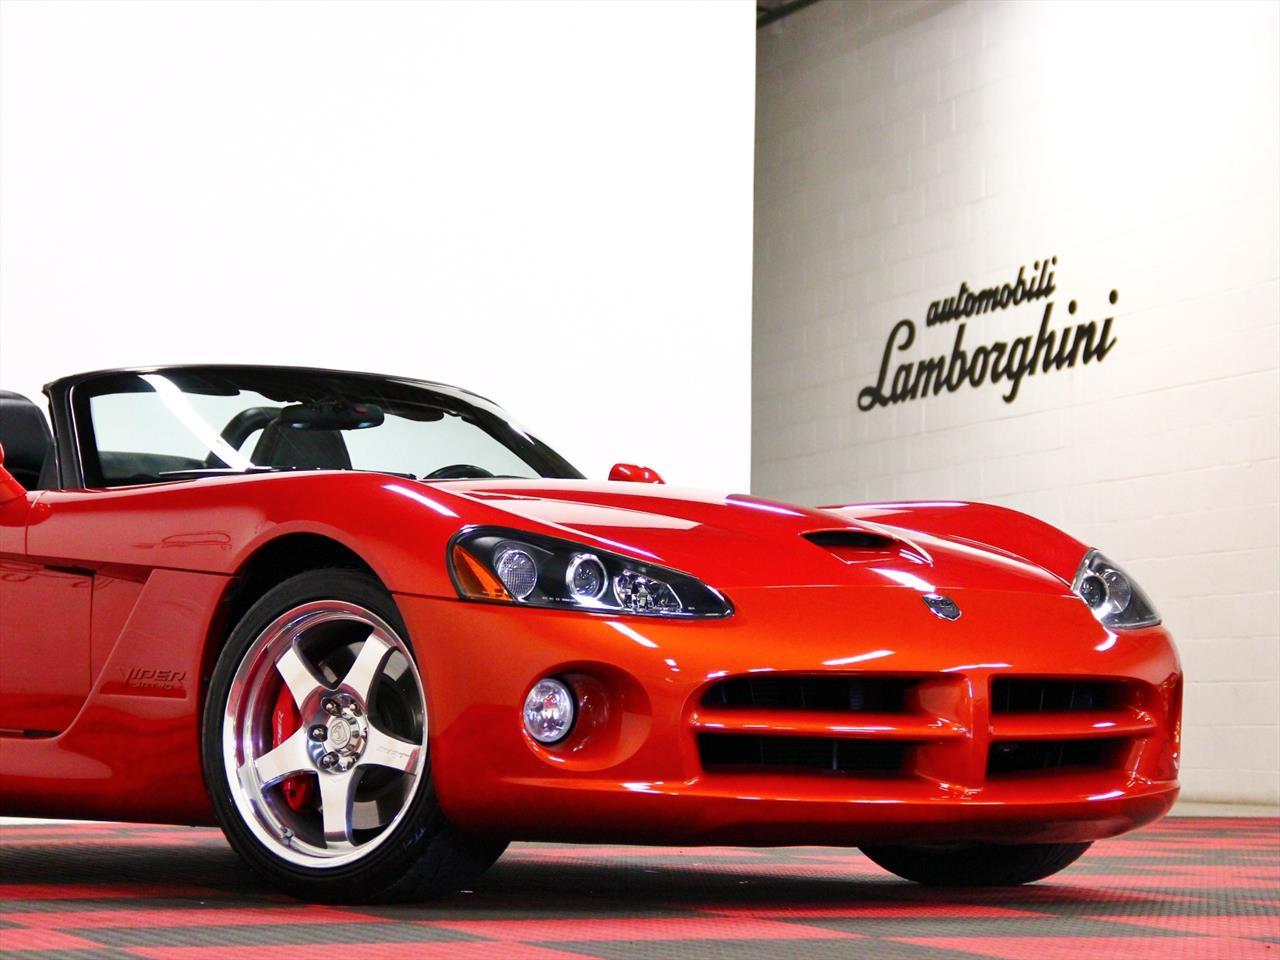 2005 Dodge Viper Copperhead Edition